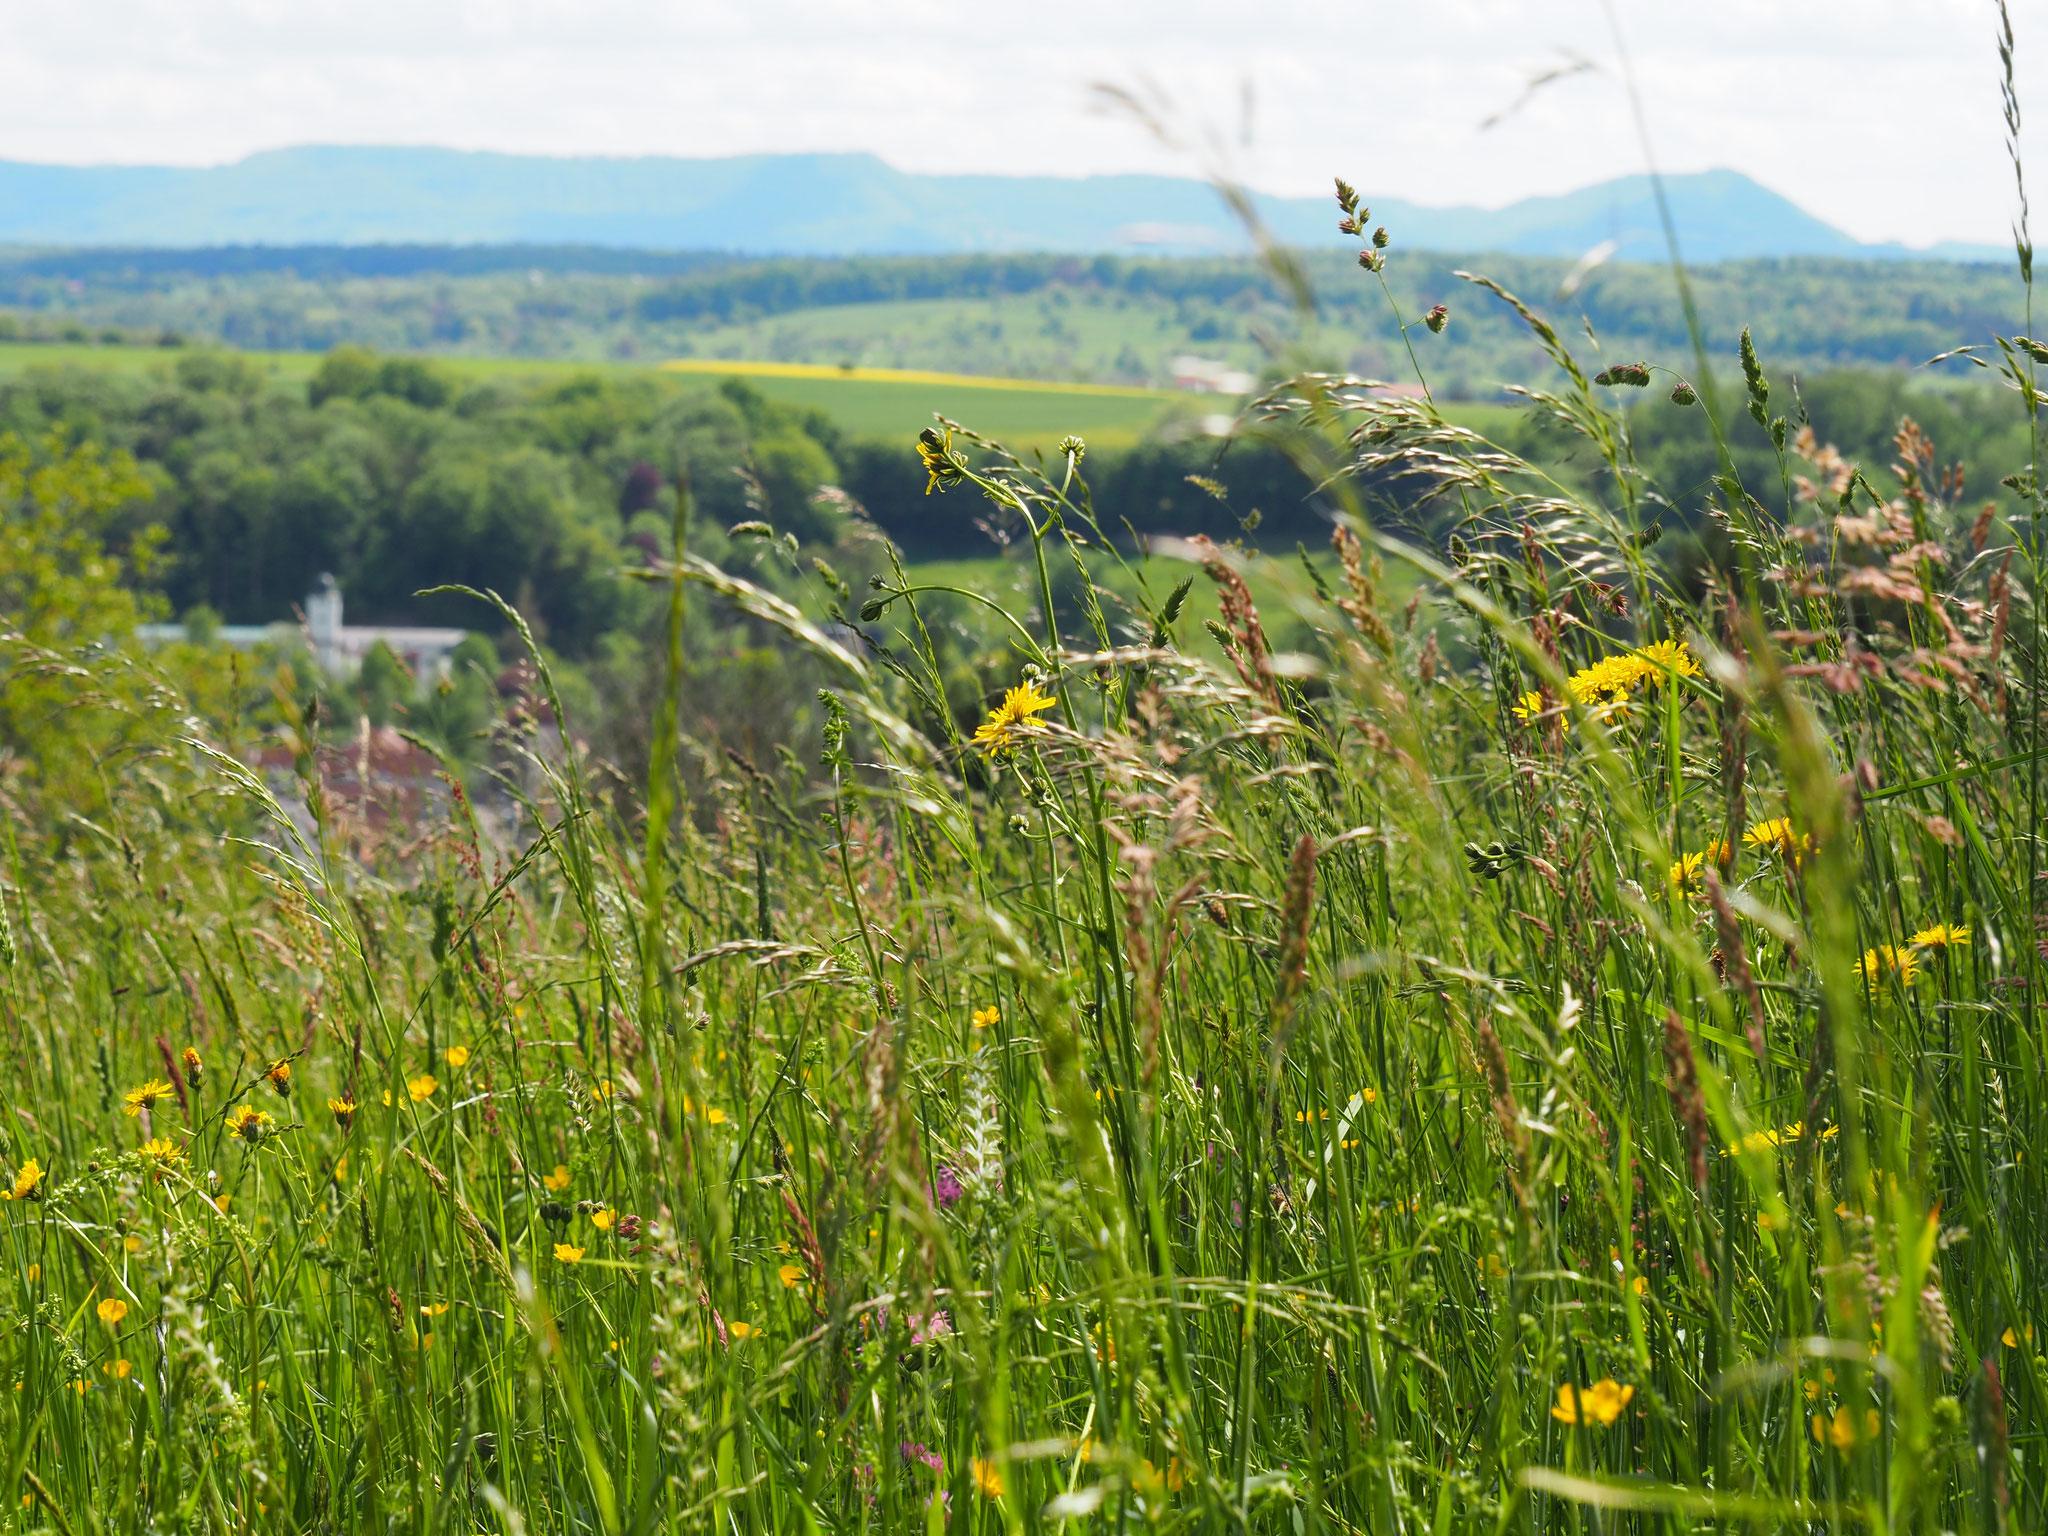 Unglaubliche Vielfalt an Gräsern und Kräutern auf Magerwiesen.